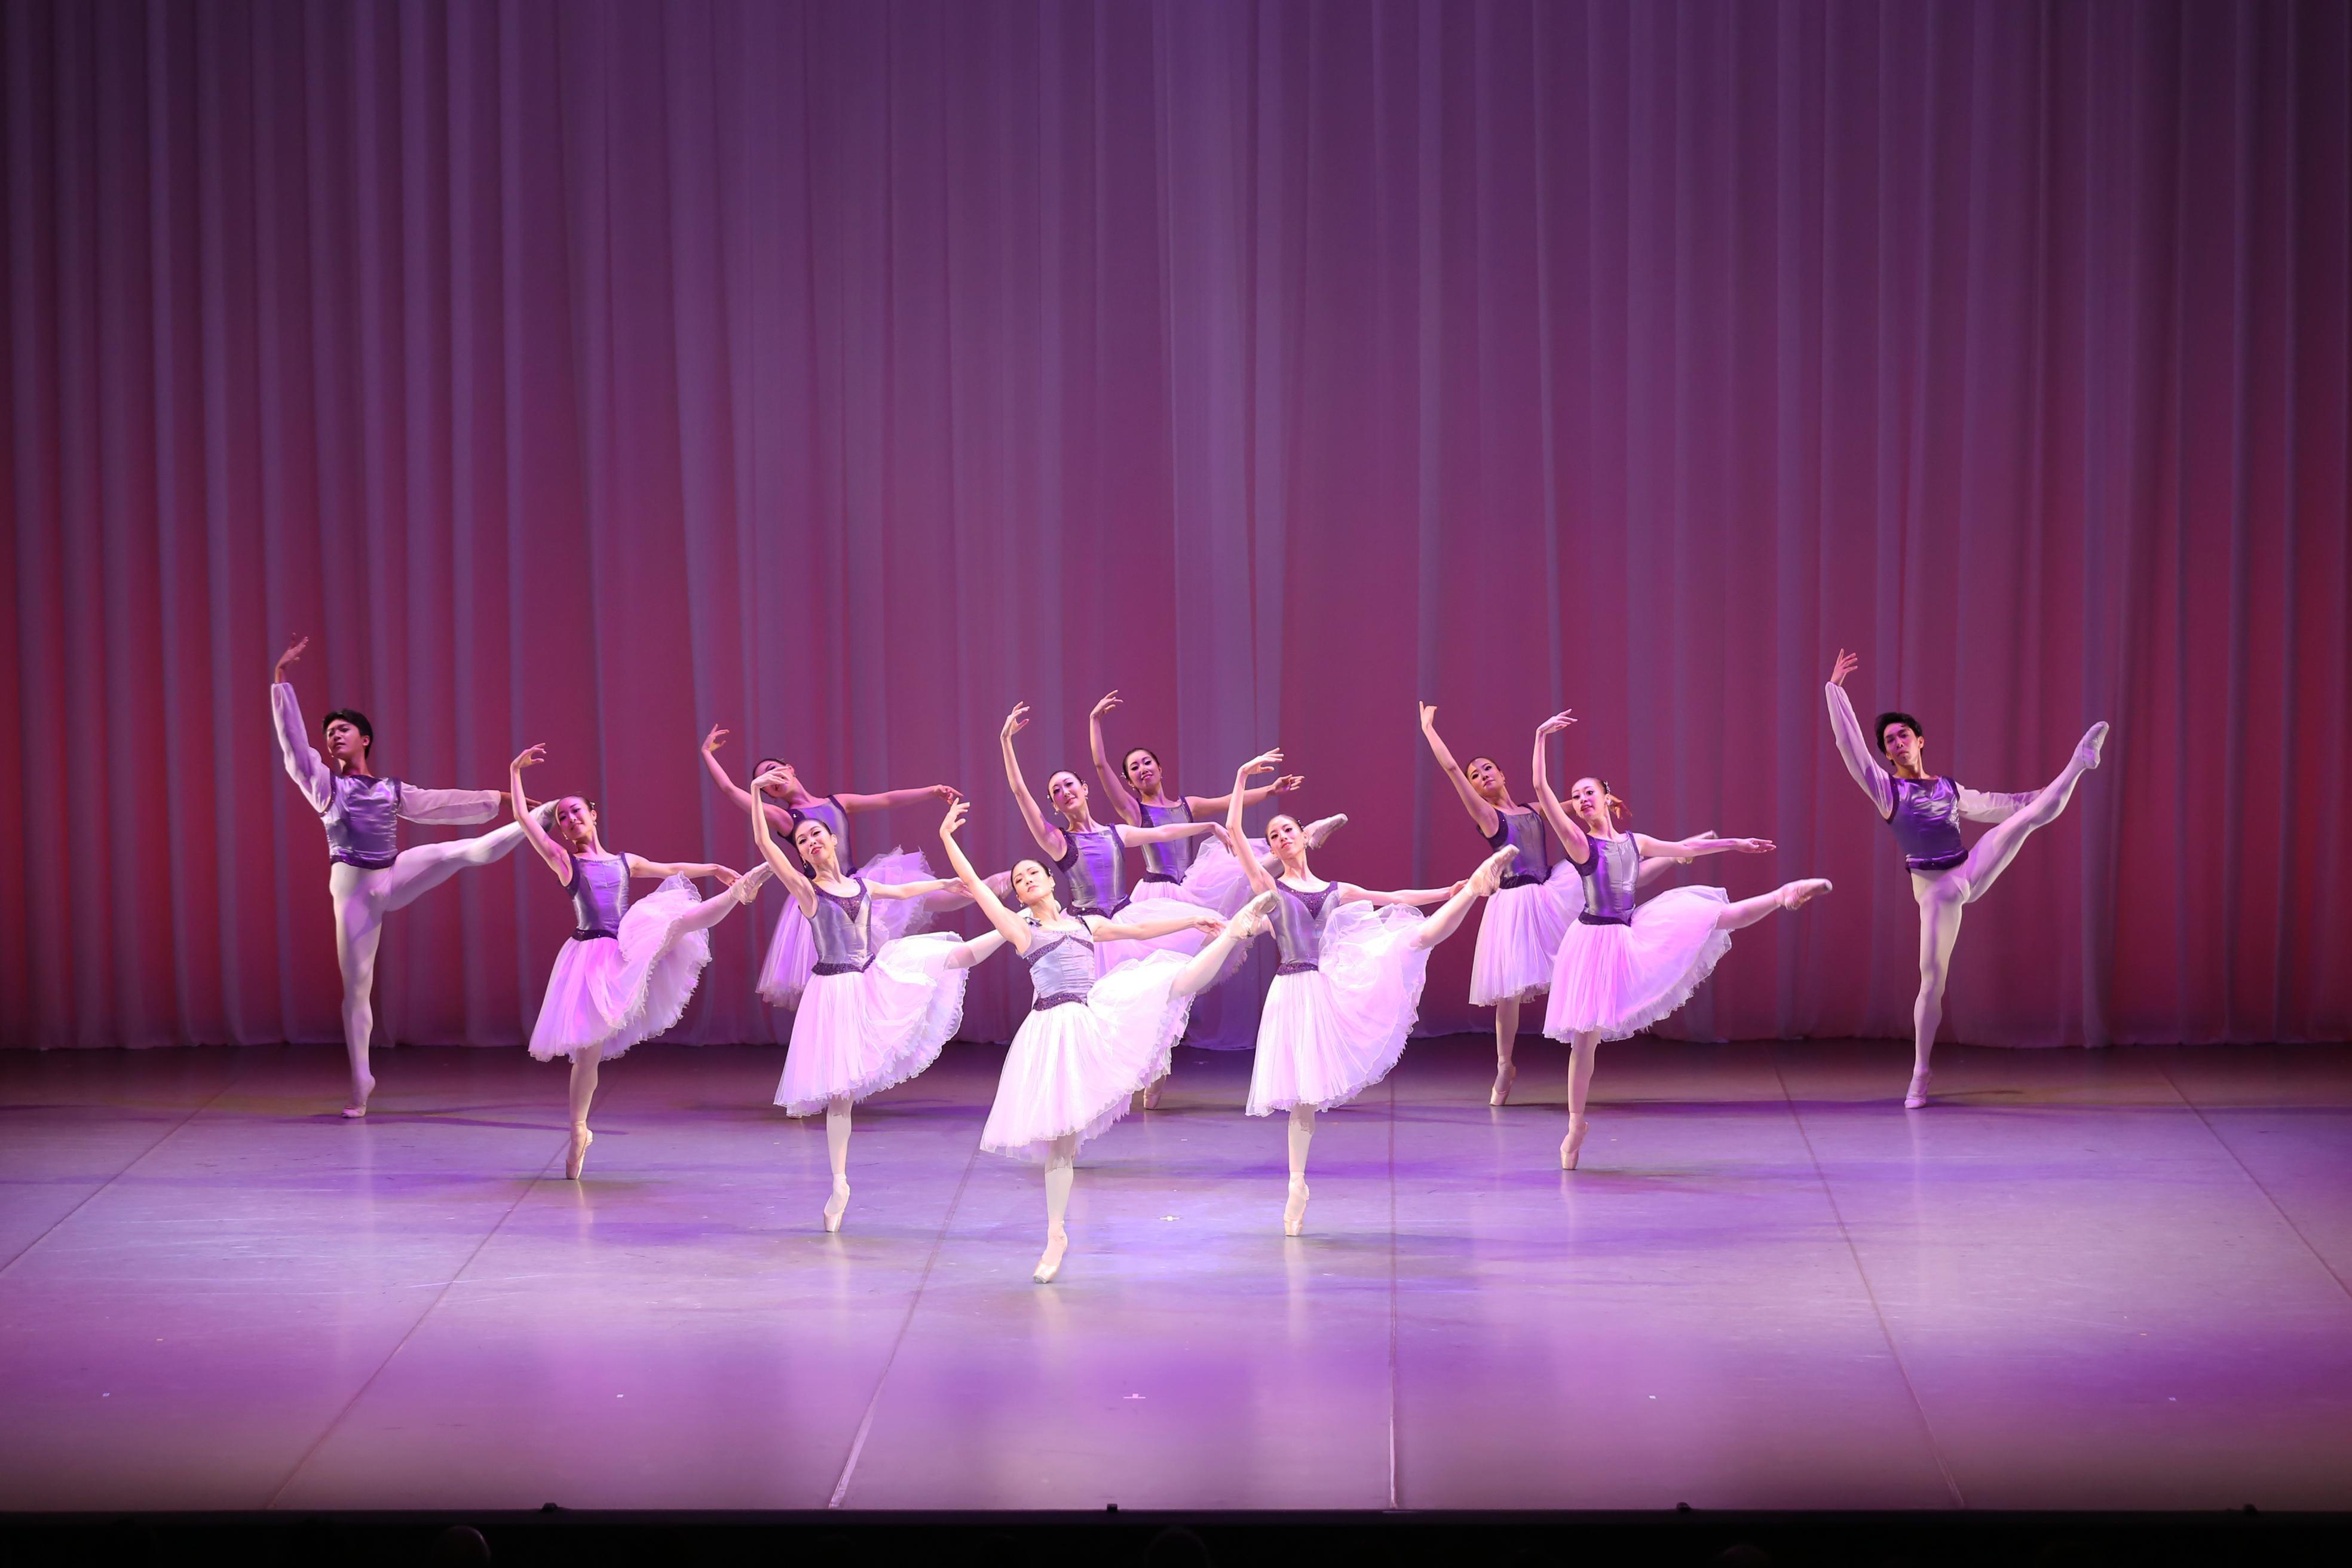 記事「【オーディション情報!】大和シティーバレエ第2次カンパニーメンバーを募集!」の画像